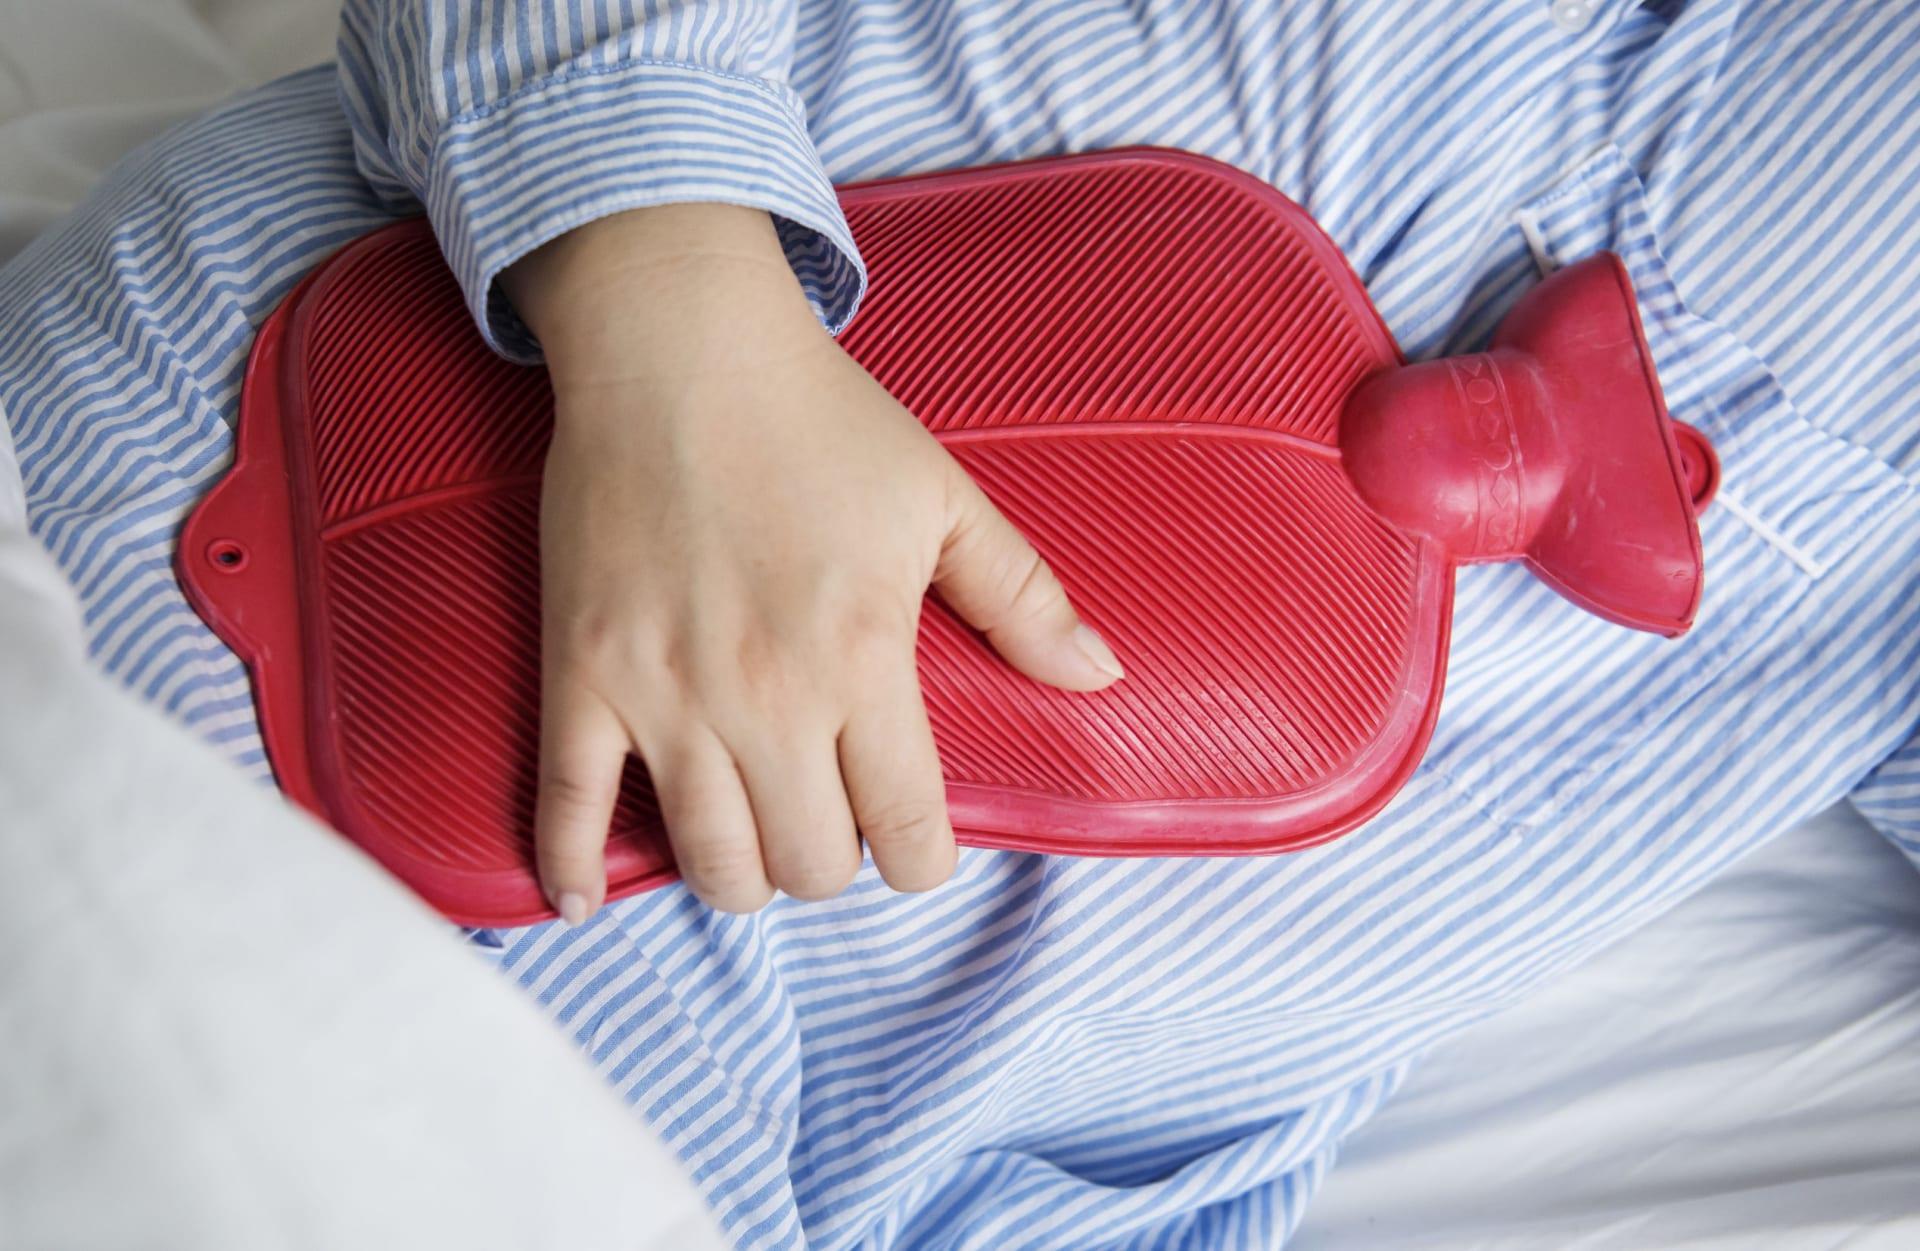 Cách khắc phục chứng đau hông khi mang thai : Chườm nóng